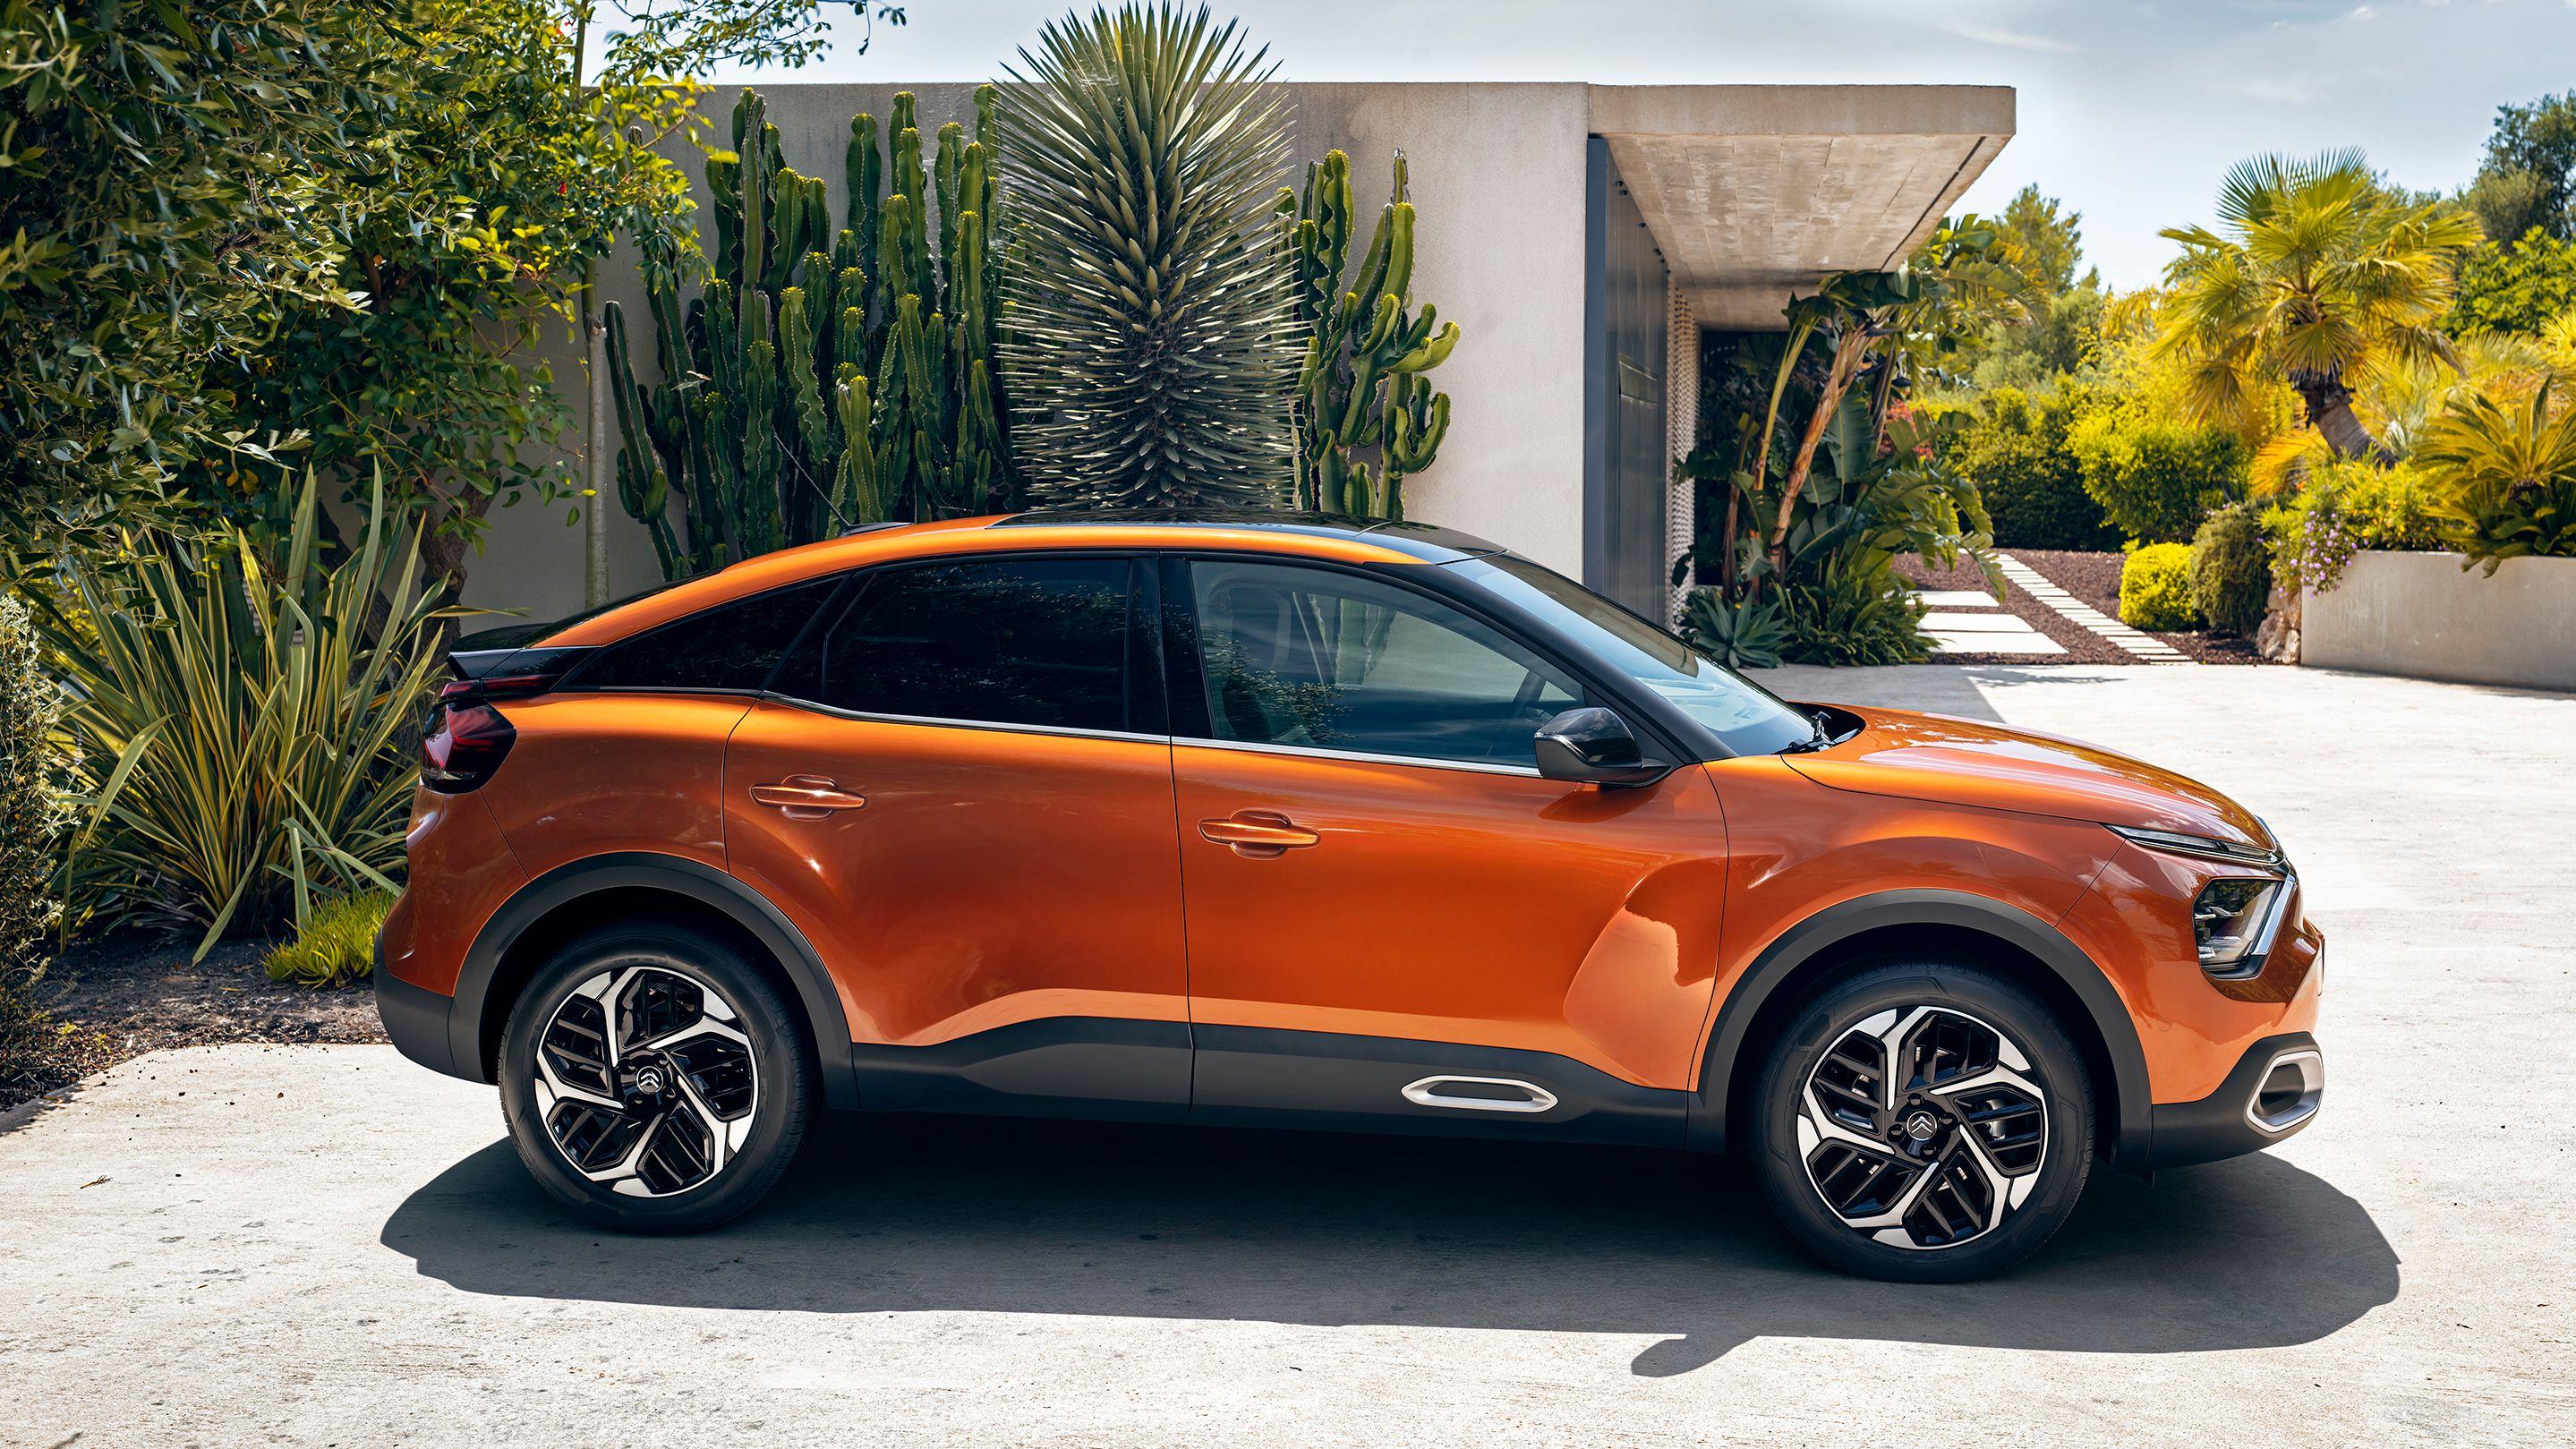 Citroëns ë-C4 blir en liten SUV eller crossover med identiske spesifikasjoner som resten av elbilene på samme plattform.